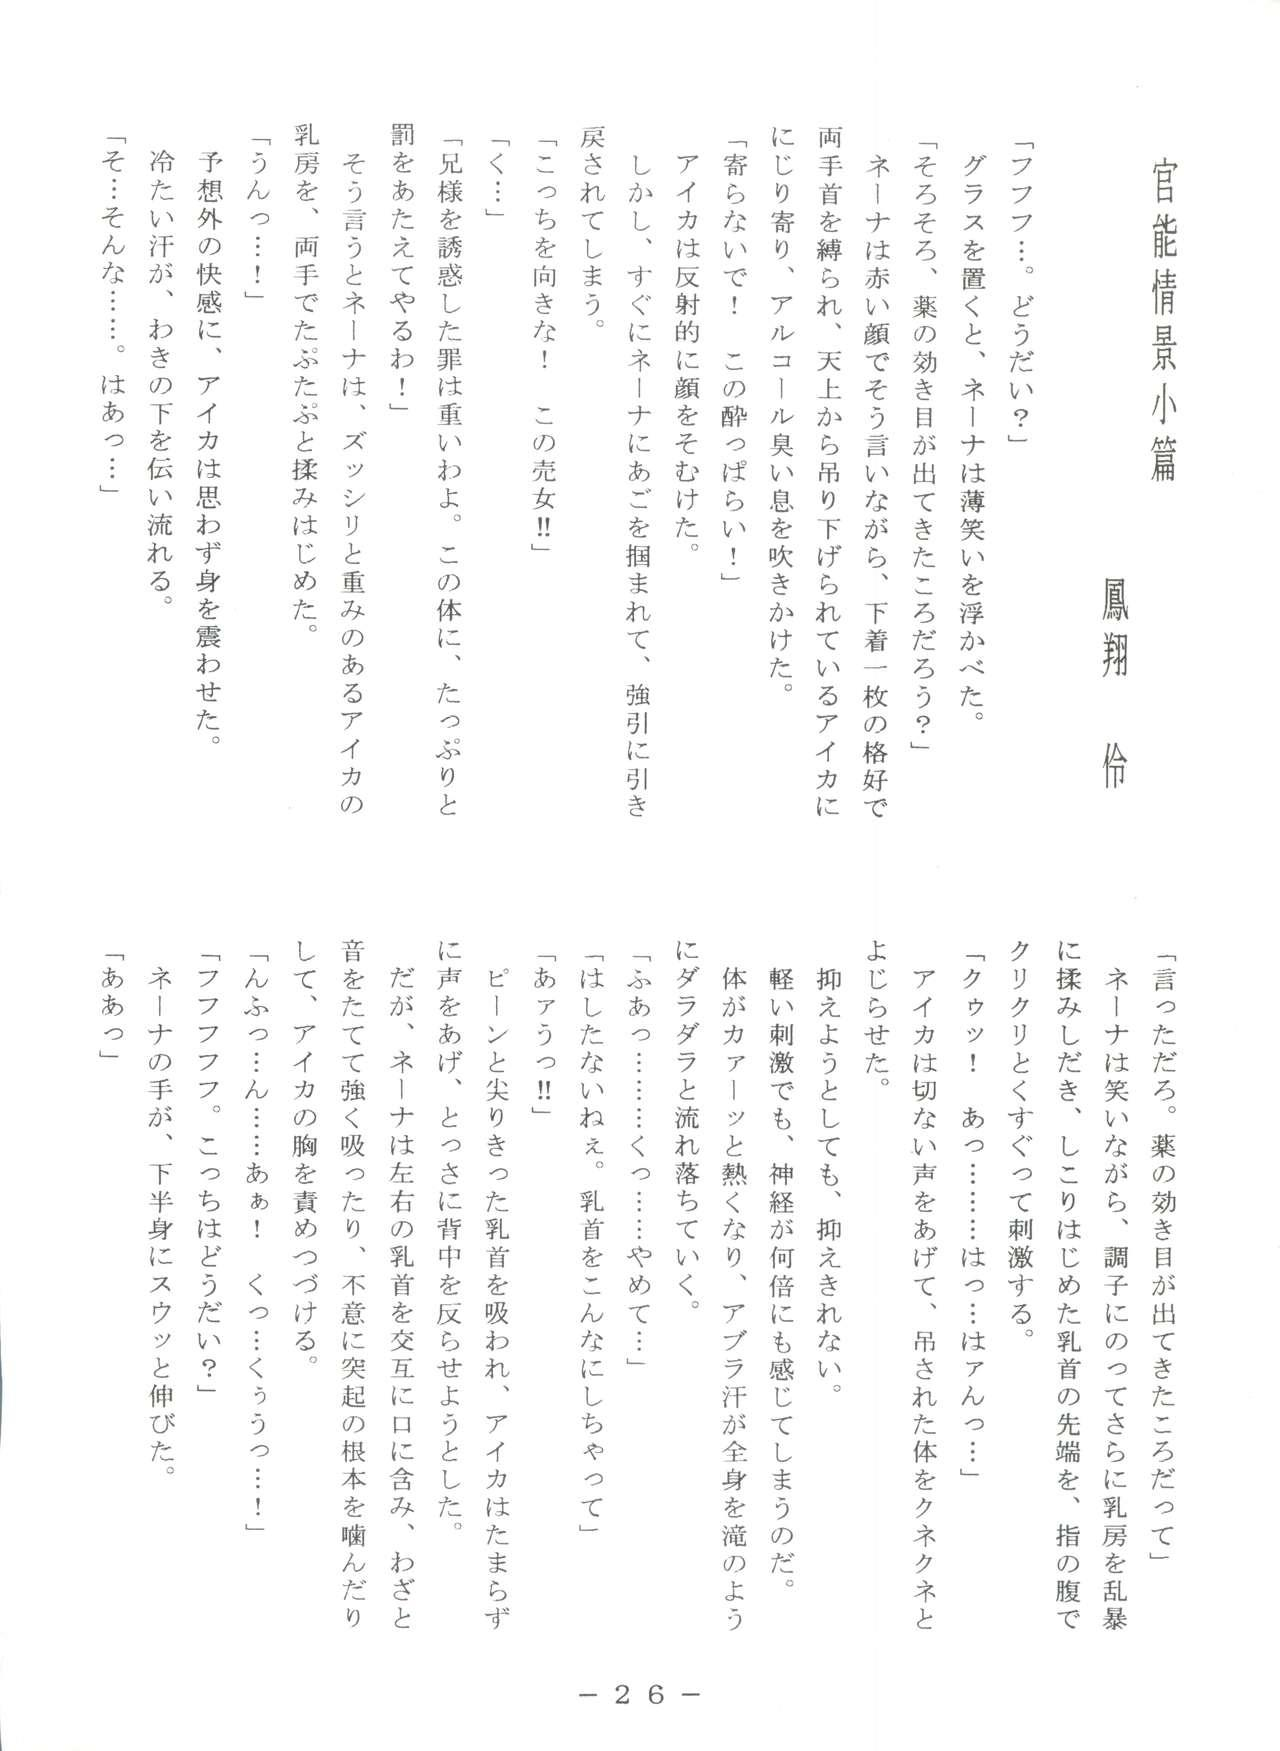 Futomomo Shukujo Kannoushashinshuu 24